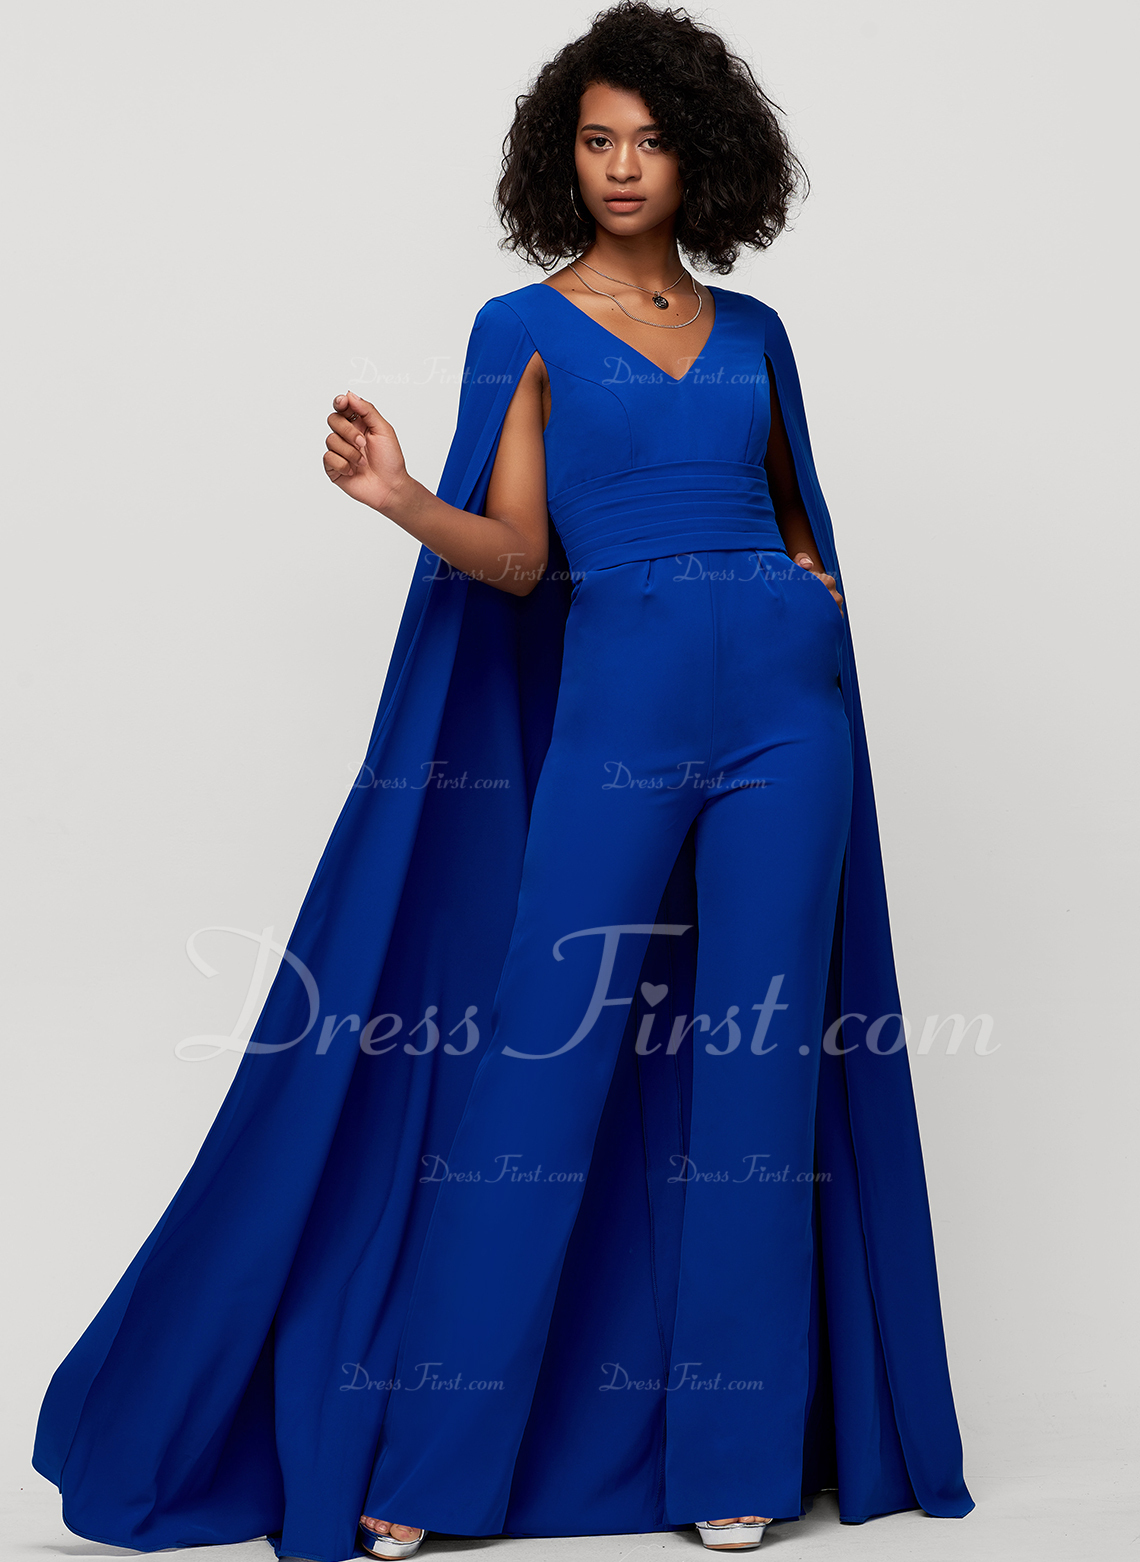 Sheath/Column V-neck Floor-Length Stretch Crepe Evening Dress